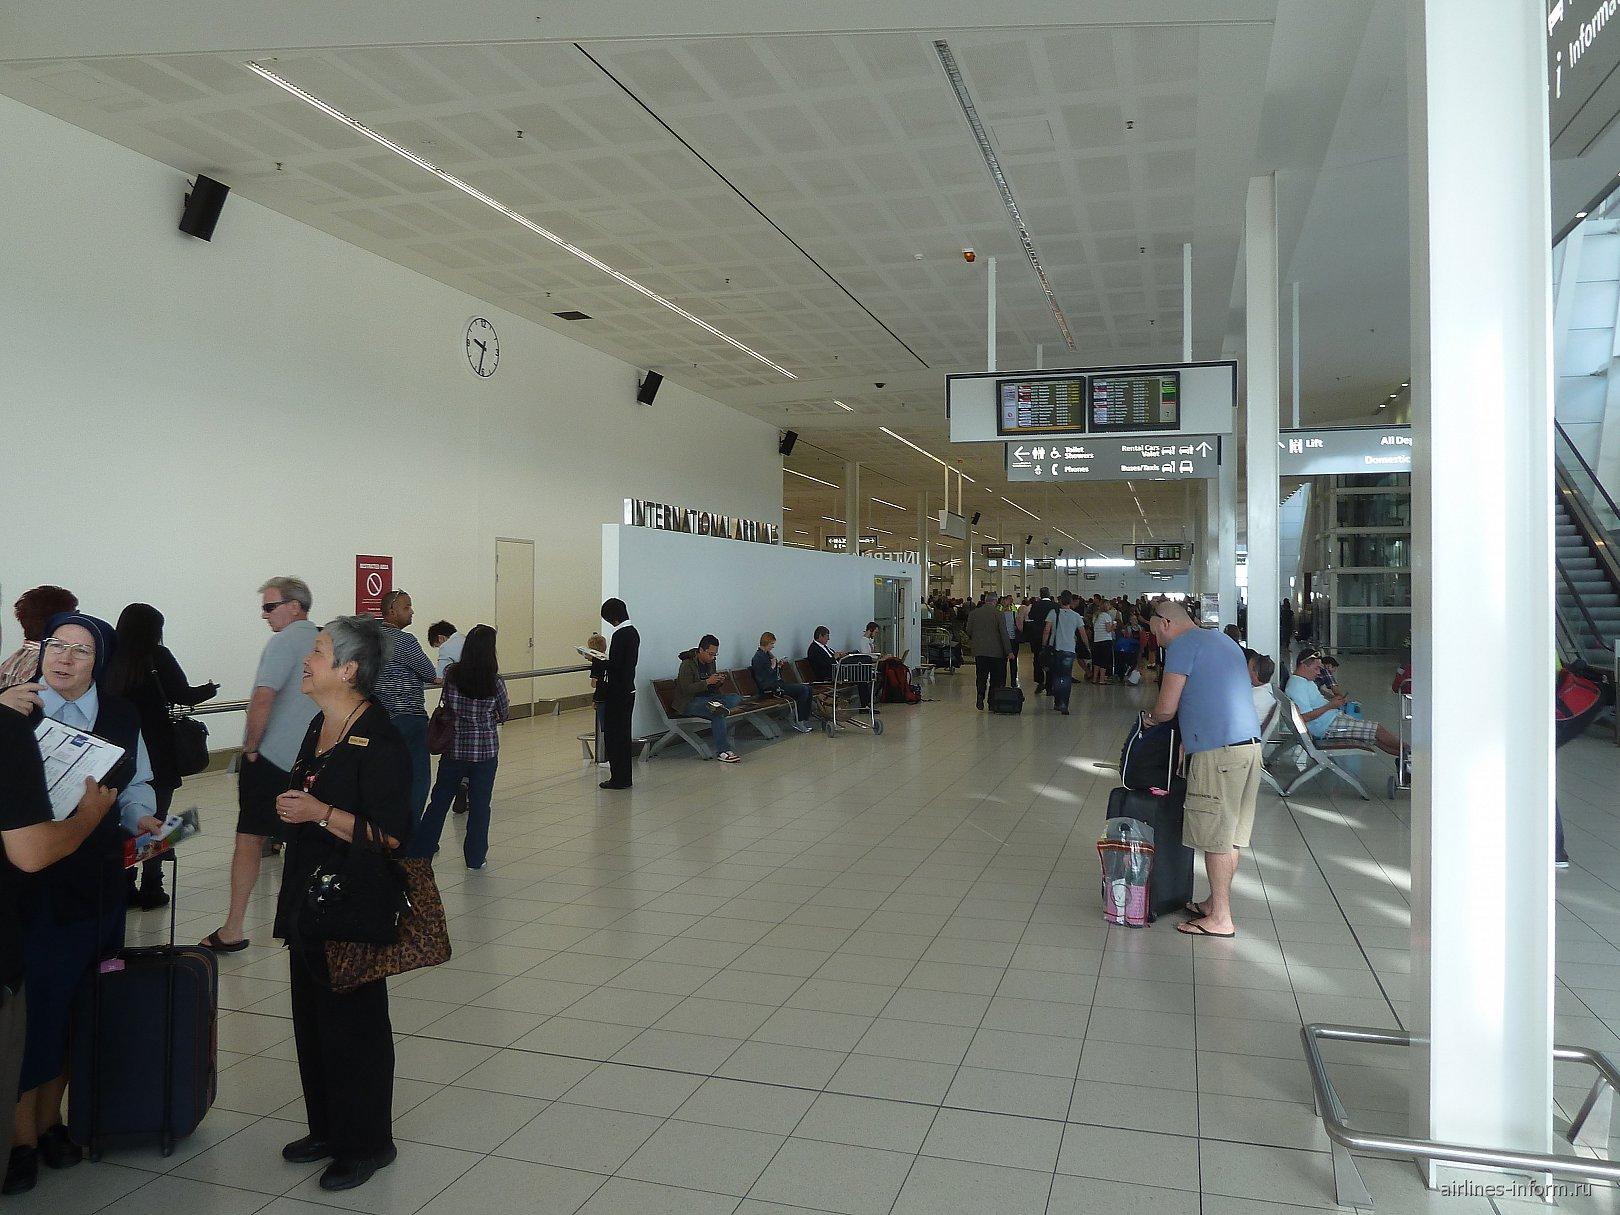 Зал международных прилетов в аэропорту Аделаида